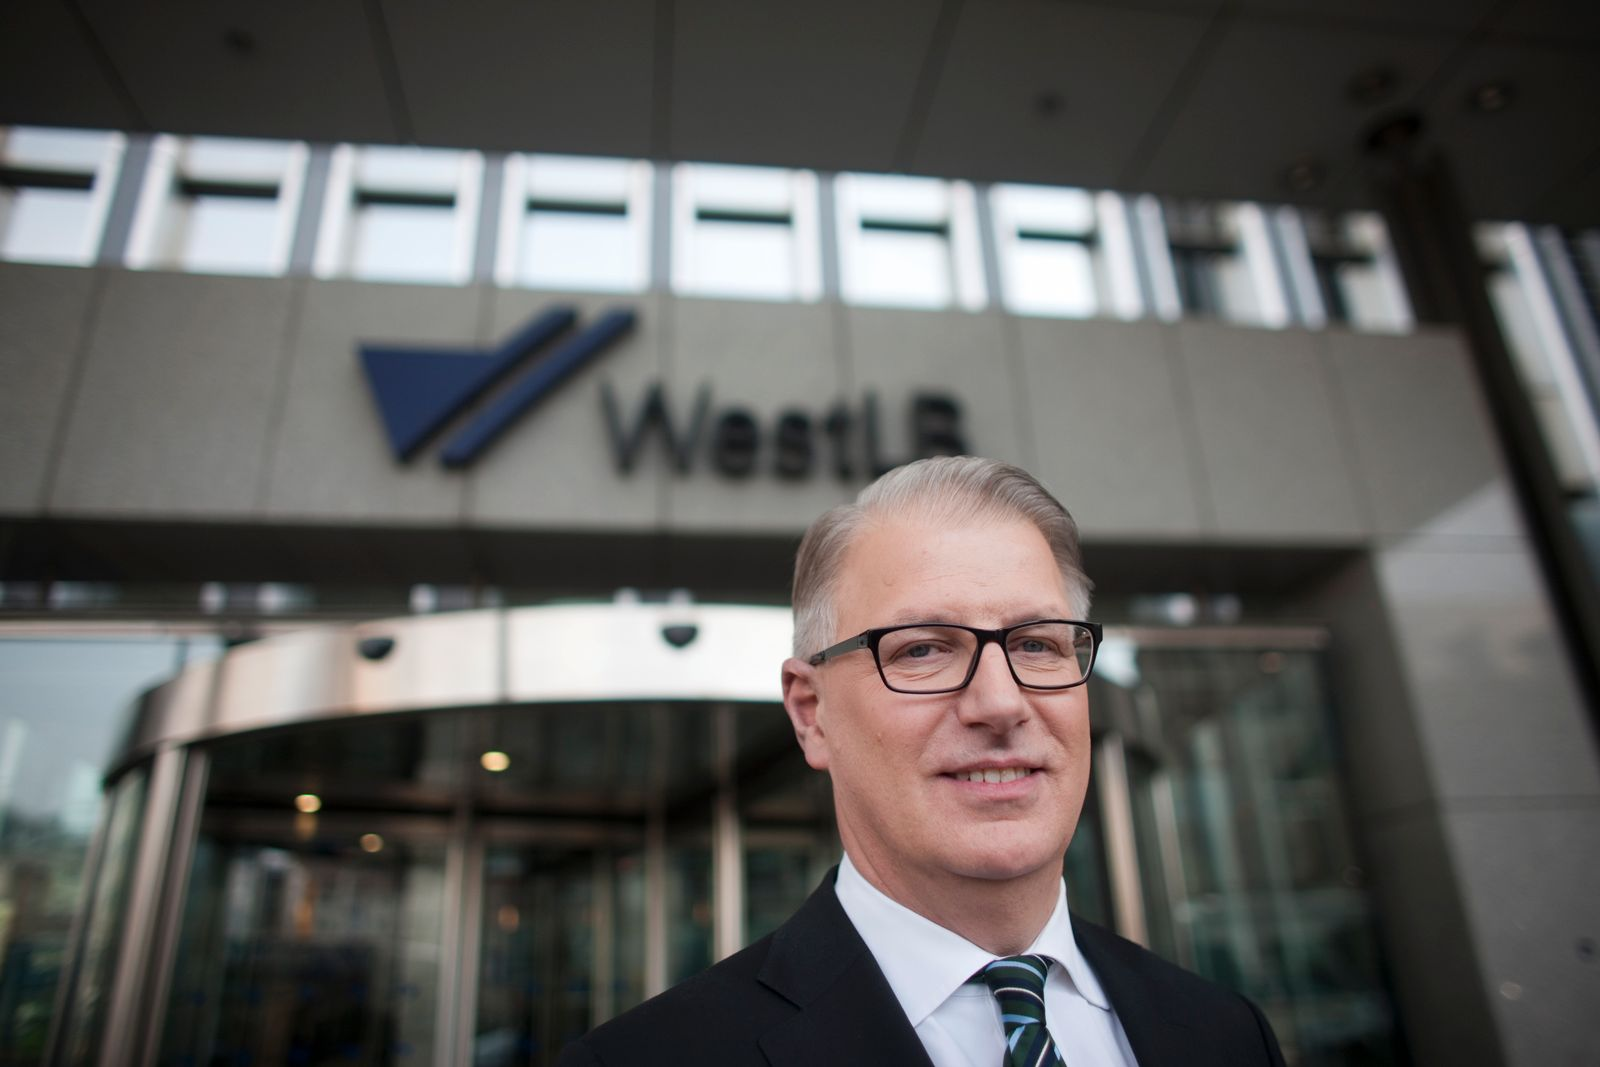 Dietrich Voigtländer / WestLB